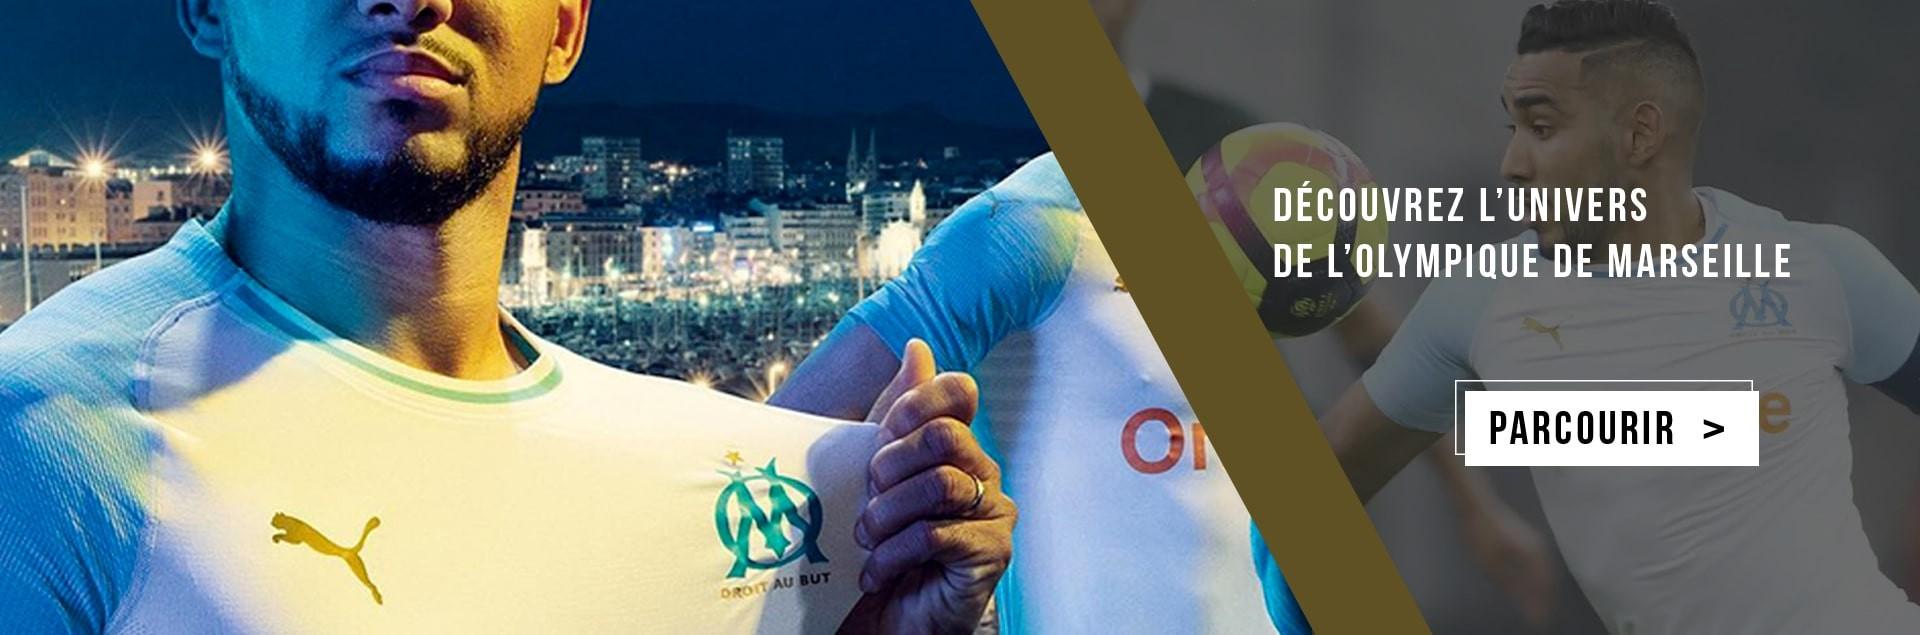 L'univers de l'Olympique de Marseille